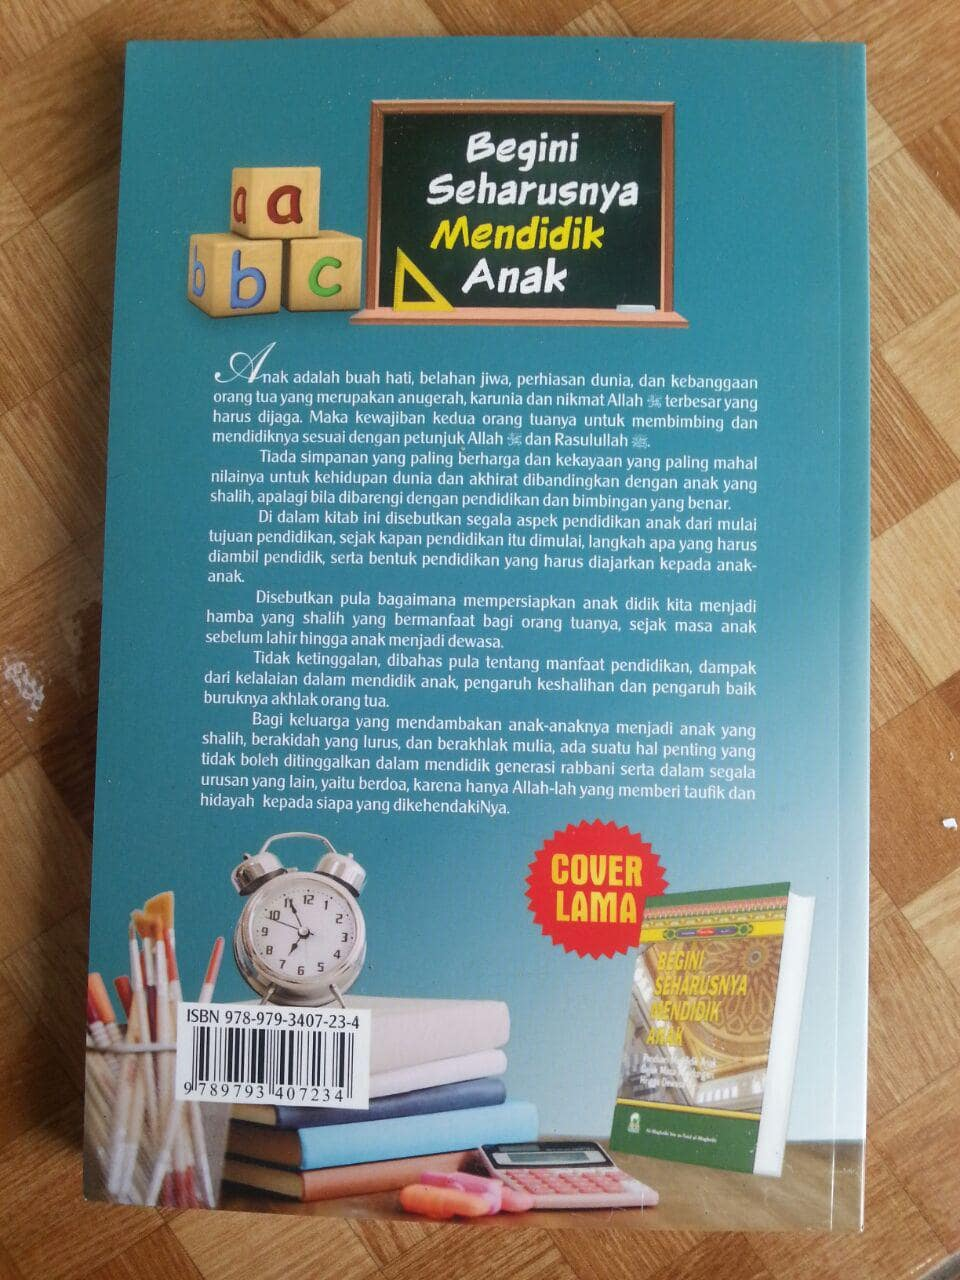 Buku-Begini-Seharusnya-Mendidik-Anak-cover-min